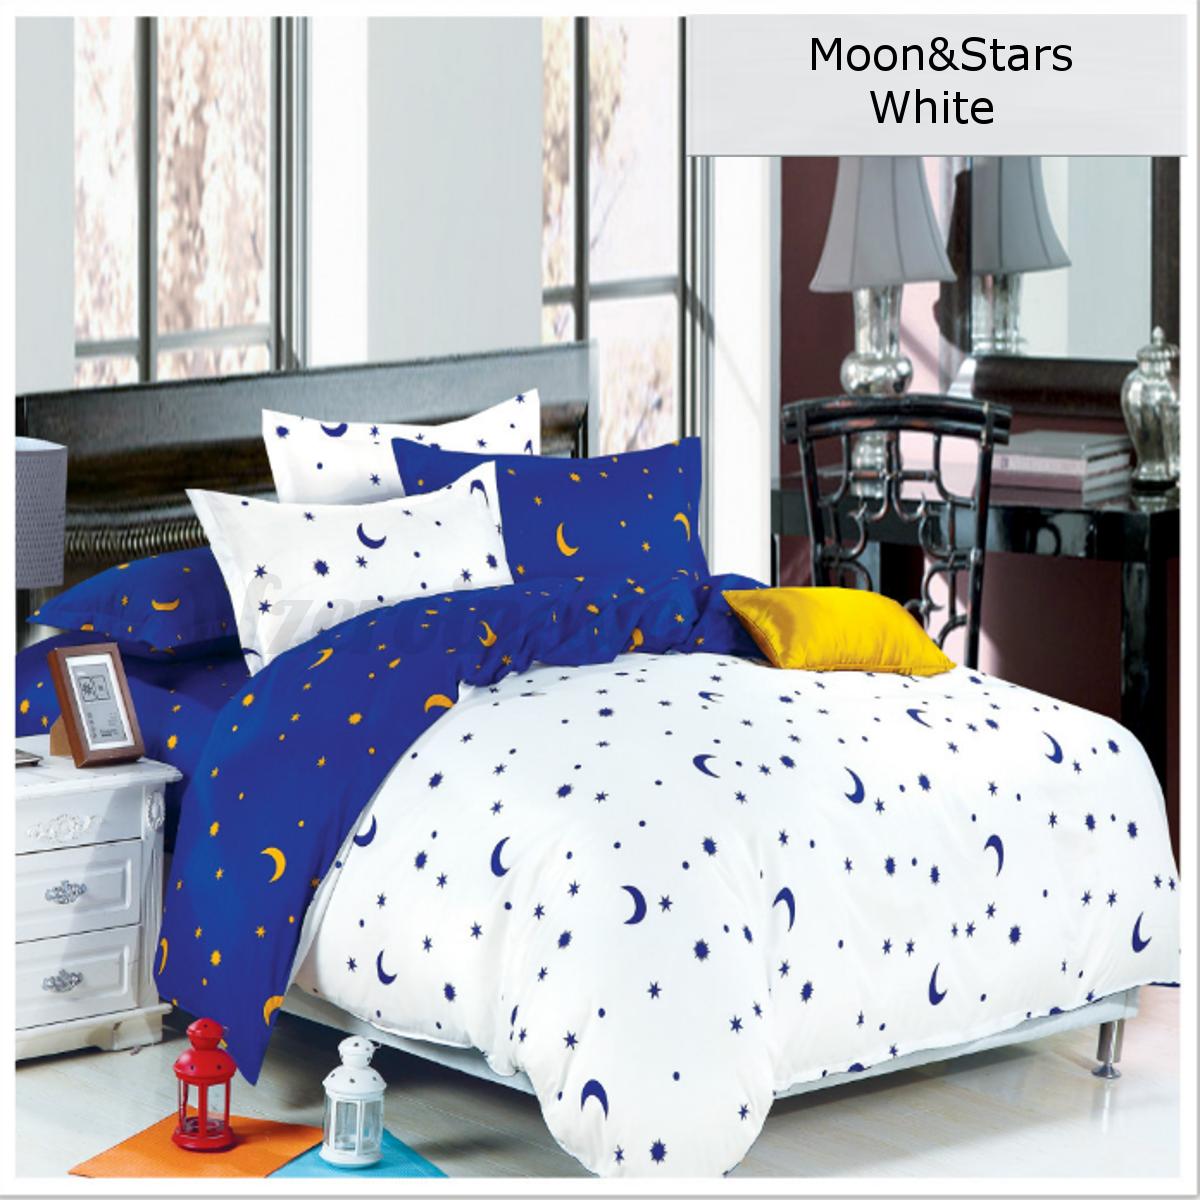 4x bettw sche set bettgarnitur baumwolle renforce bettbezug 200 x 220 cm ebay. Black Bedroom Furniture Sets. Home Design Ideas